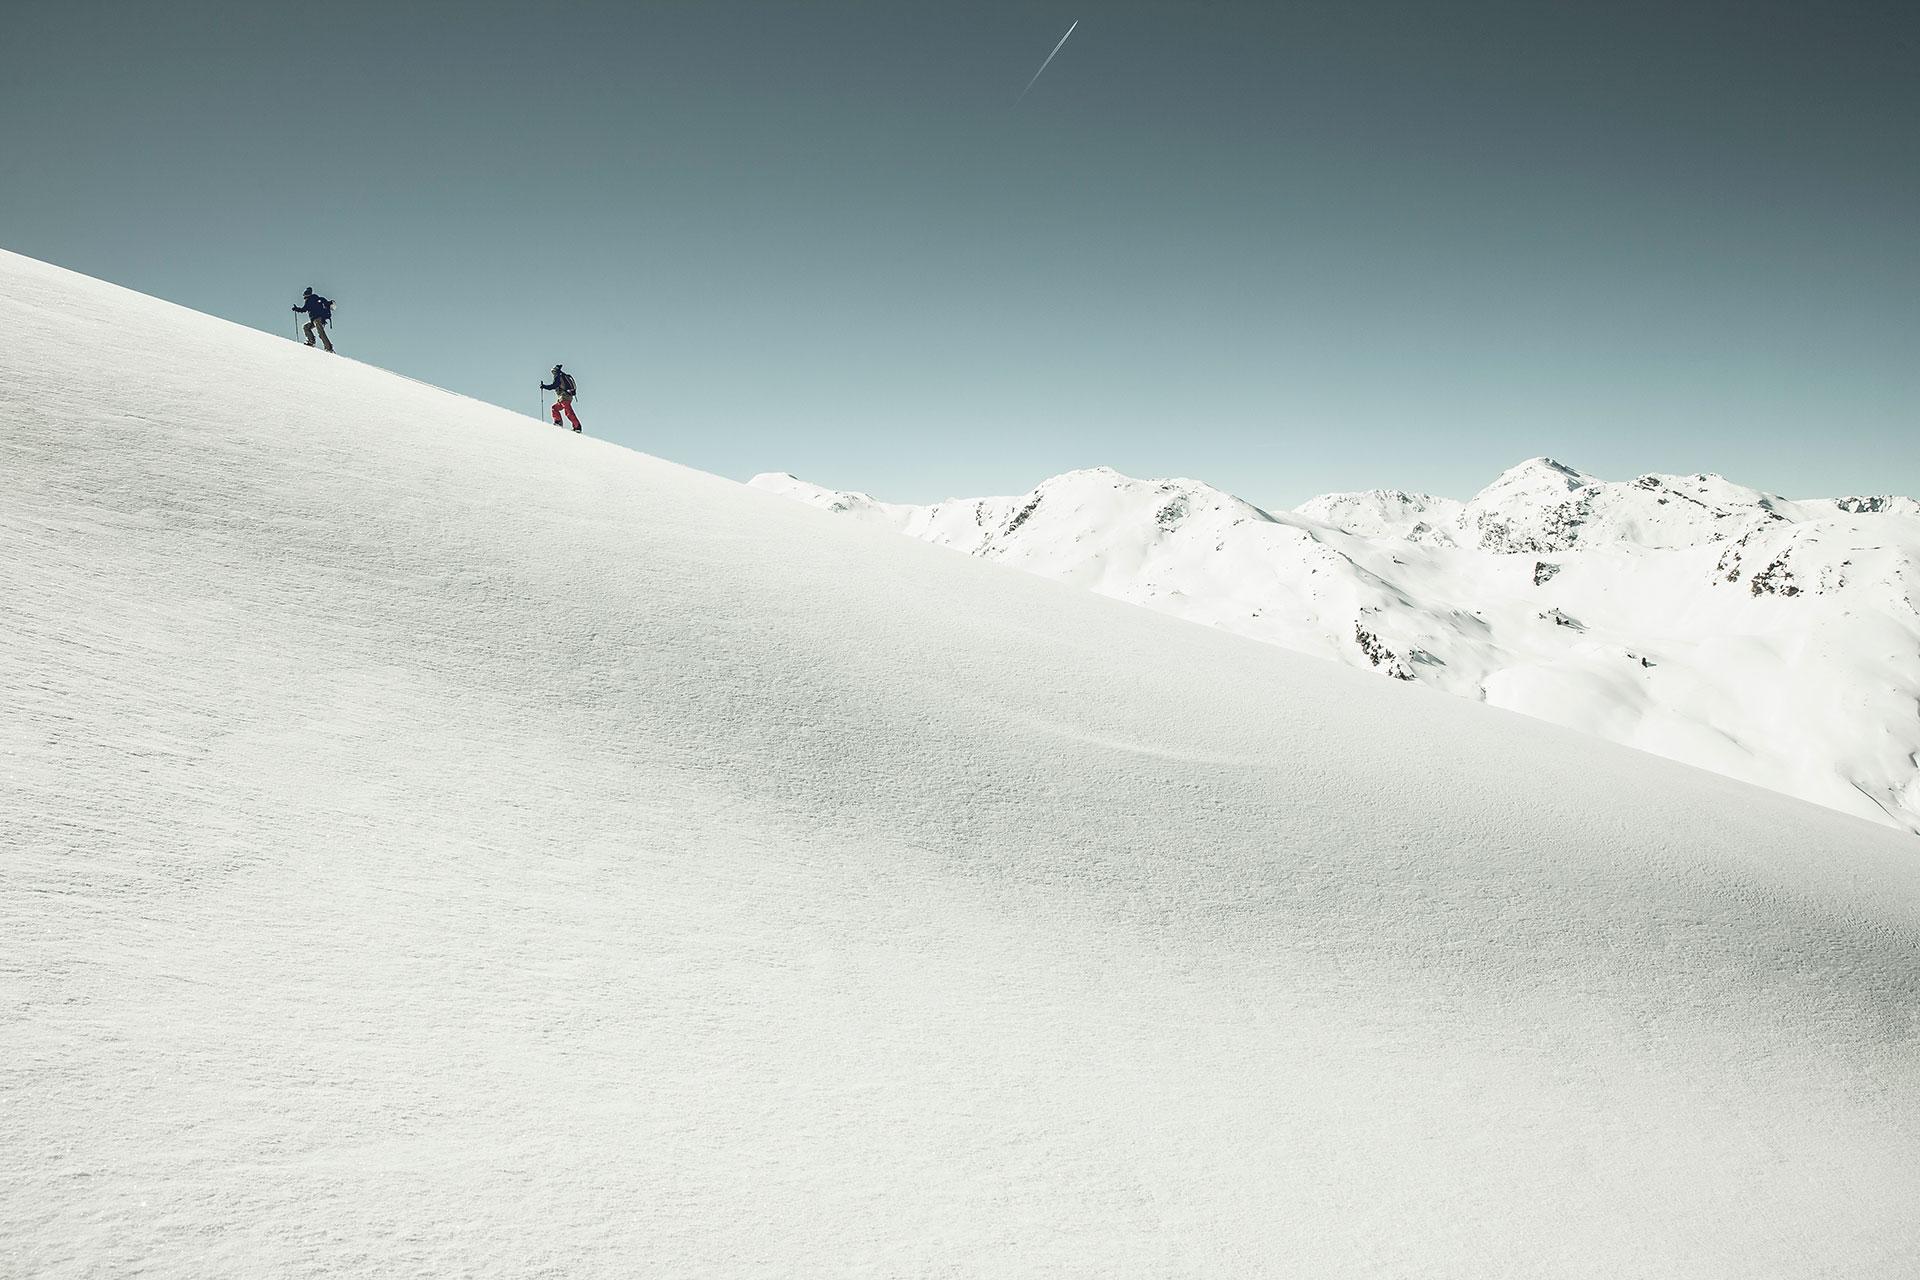 Skitour Landschaft Fotografie Winter sport Zürich Schweiz Outdoor Fotoproduktion